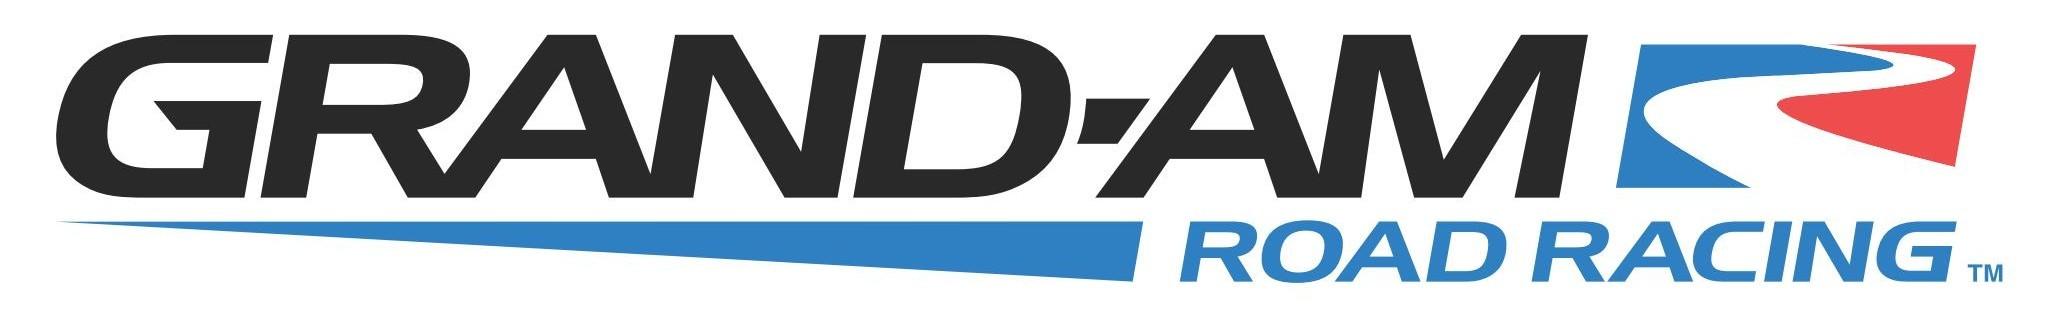 Grand Am Road Racing Logo png